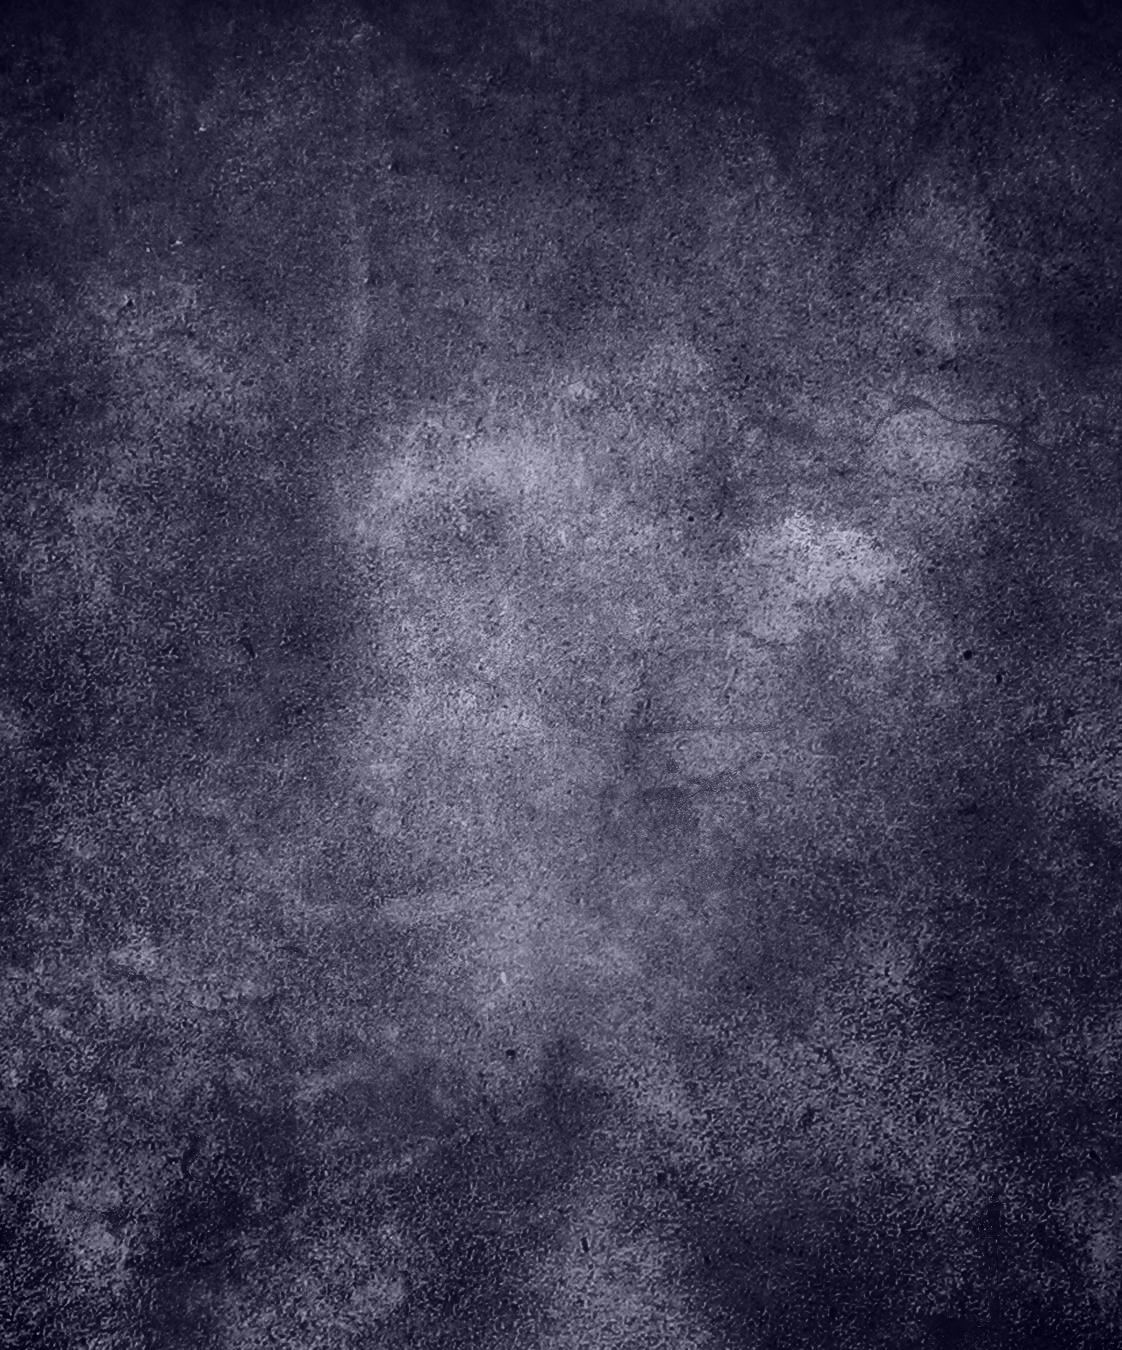 UNRESTRICTED - Digital Grunge Texture 11